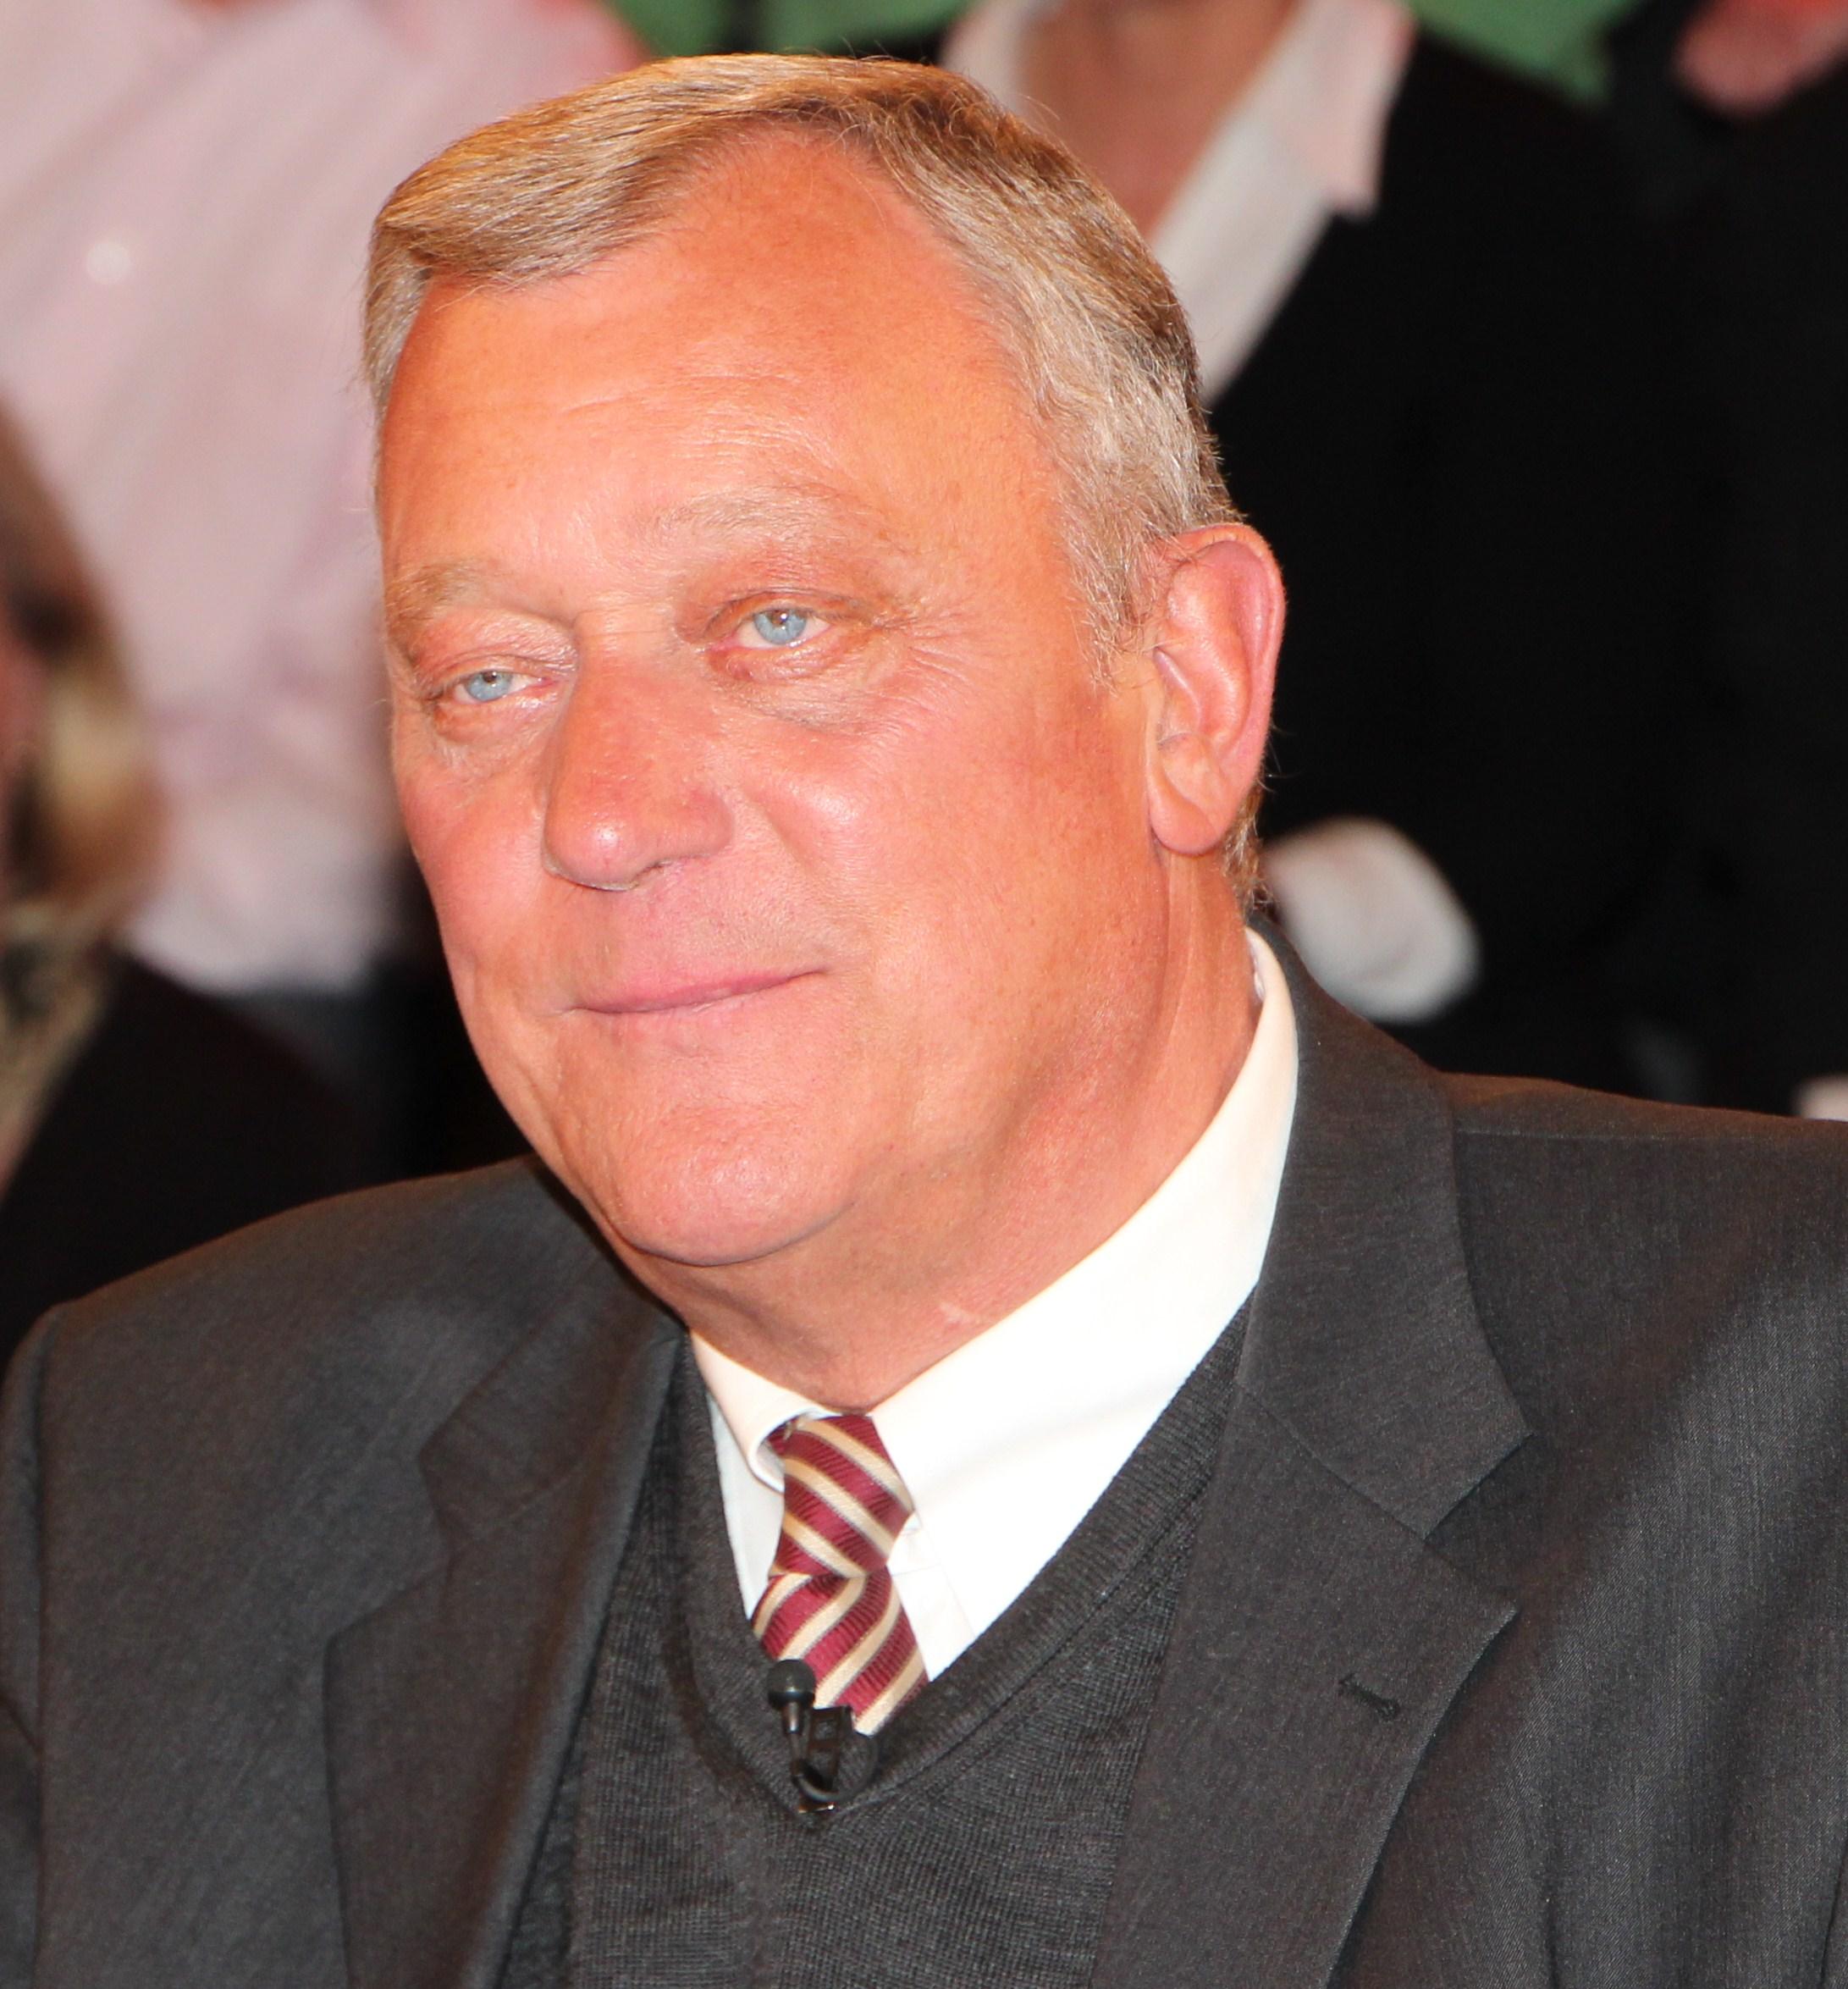 Michael Spreng Karin Spreng